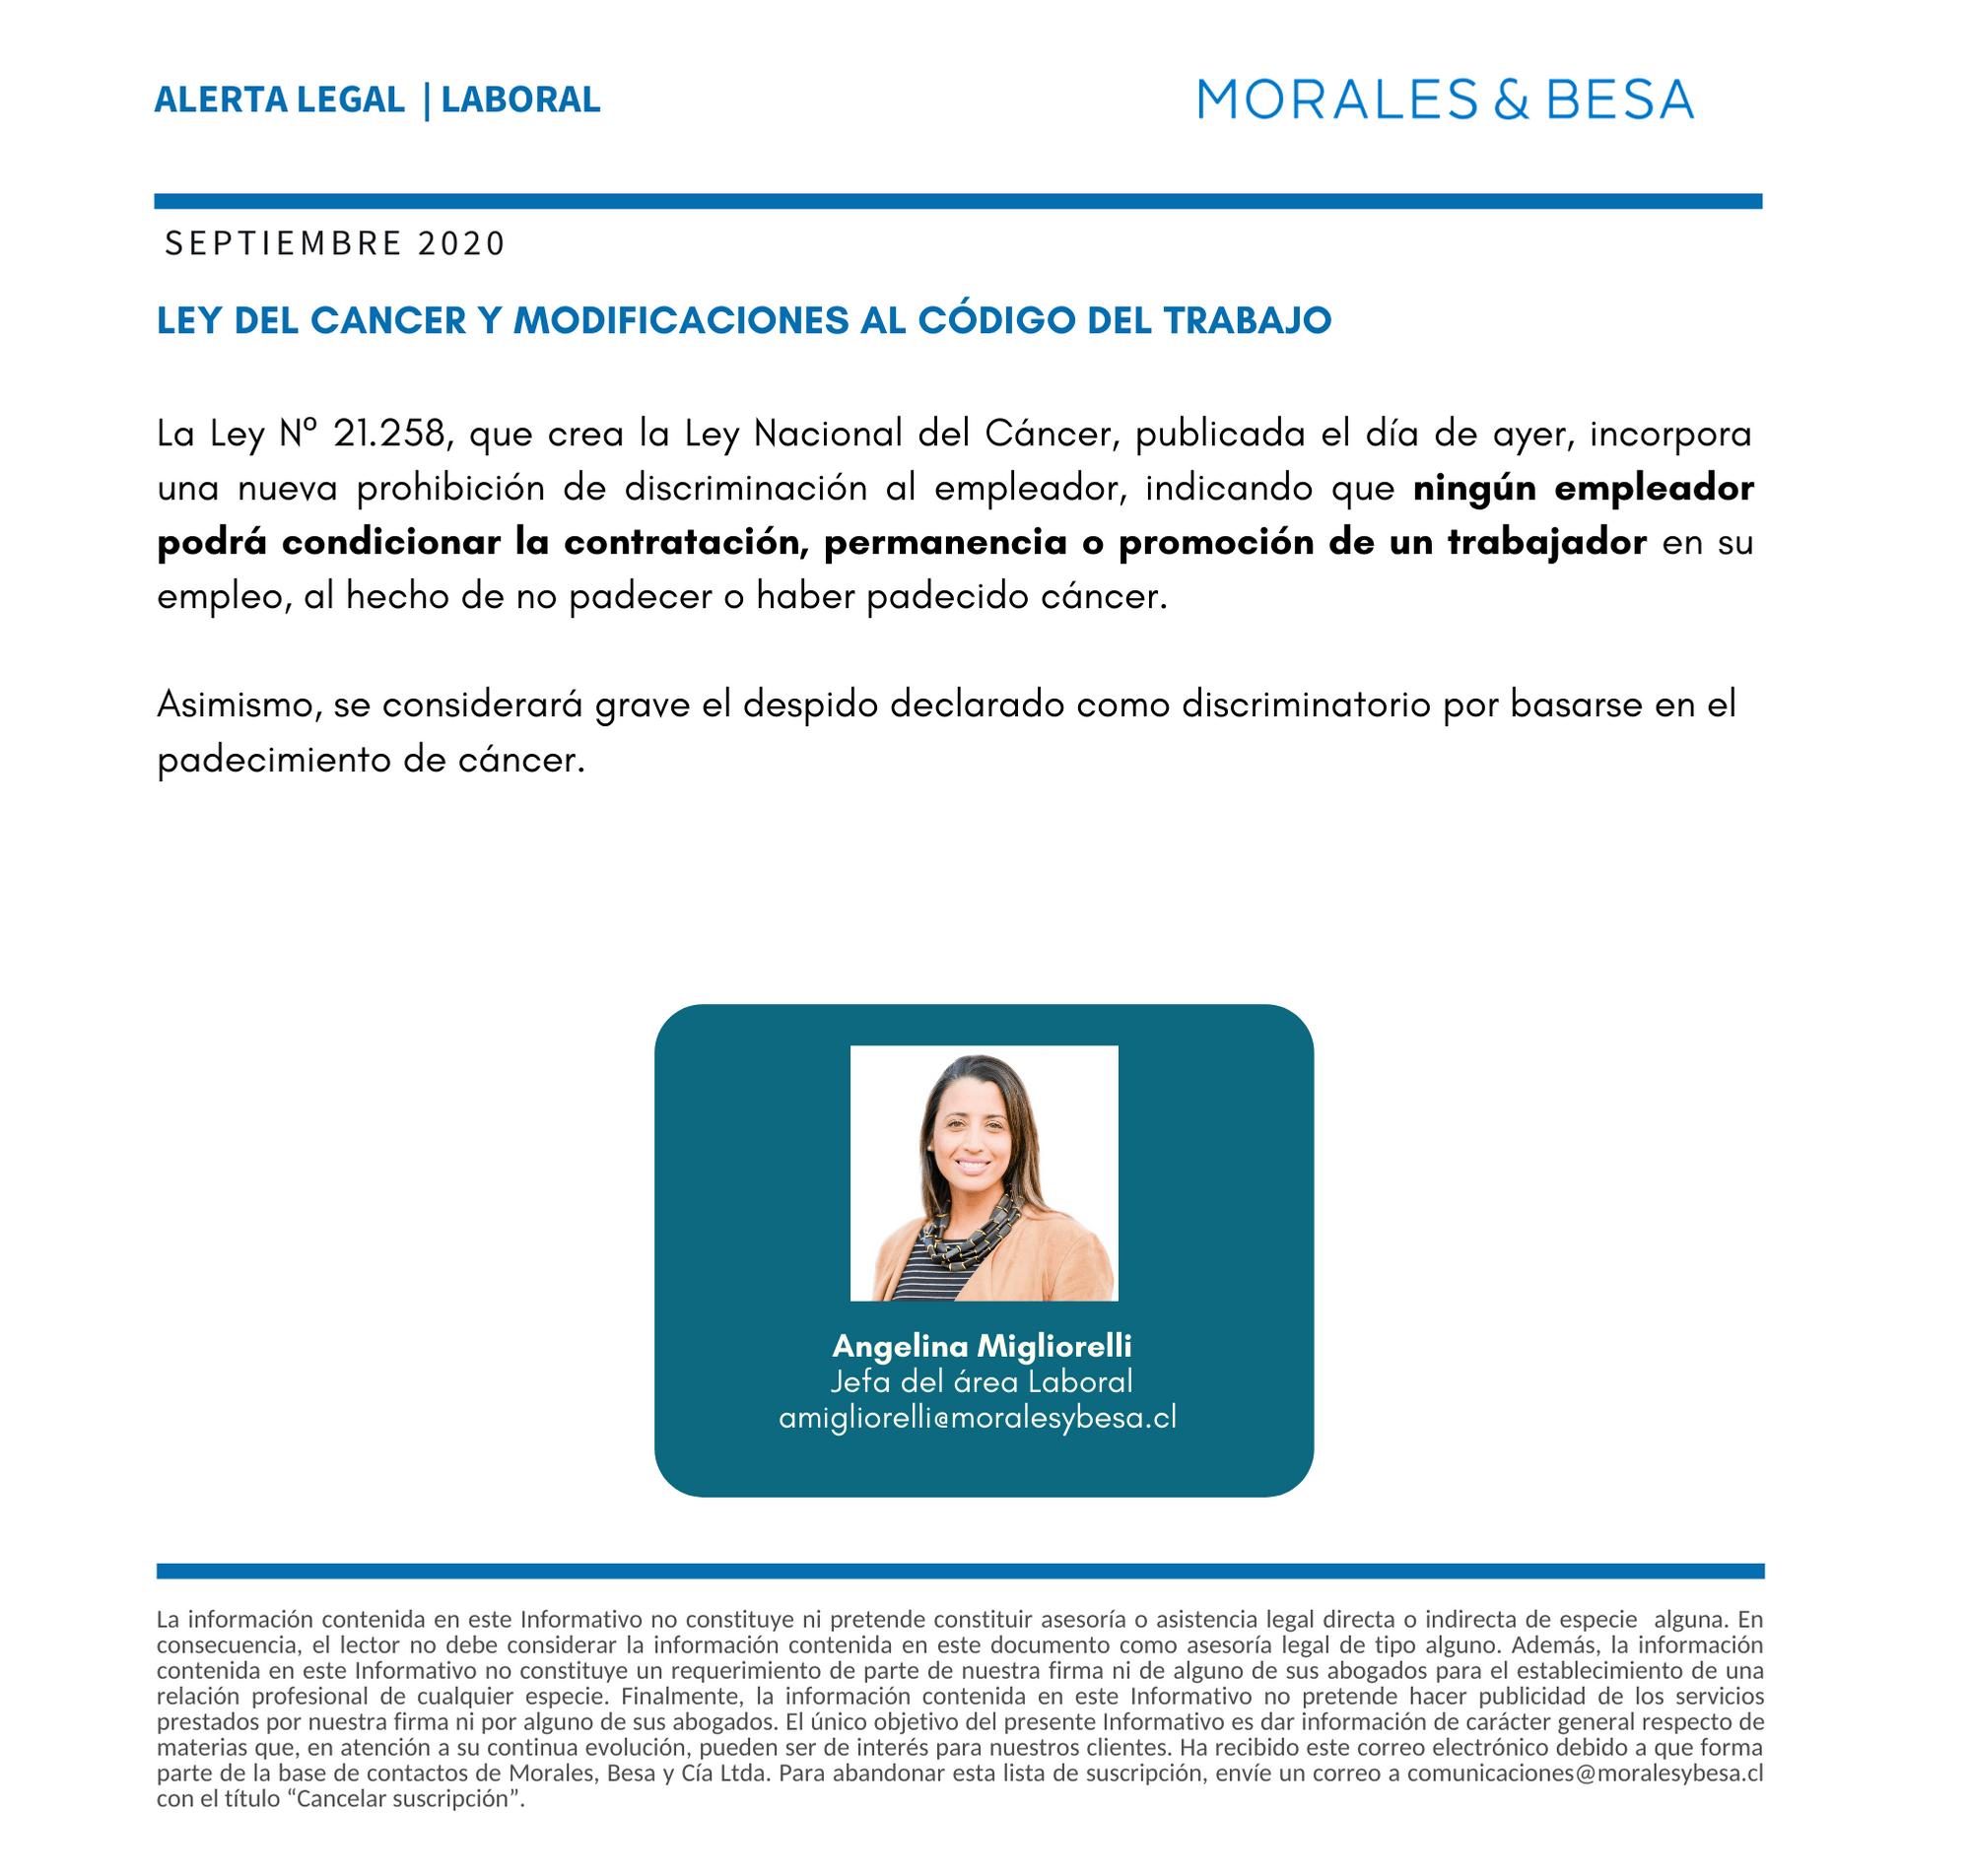 Alerta Legal M&B - Laboral - Septiembre 2020